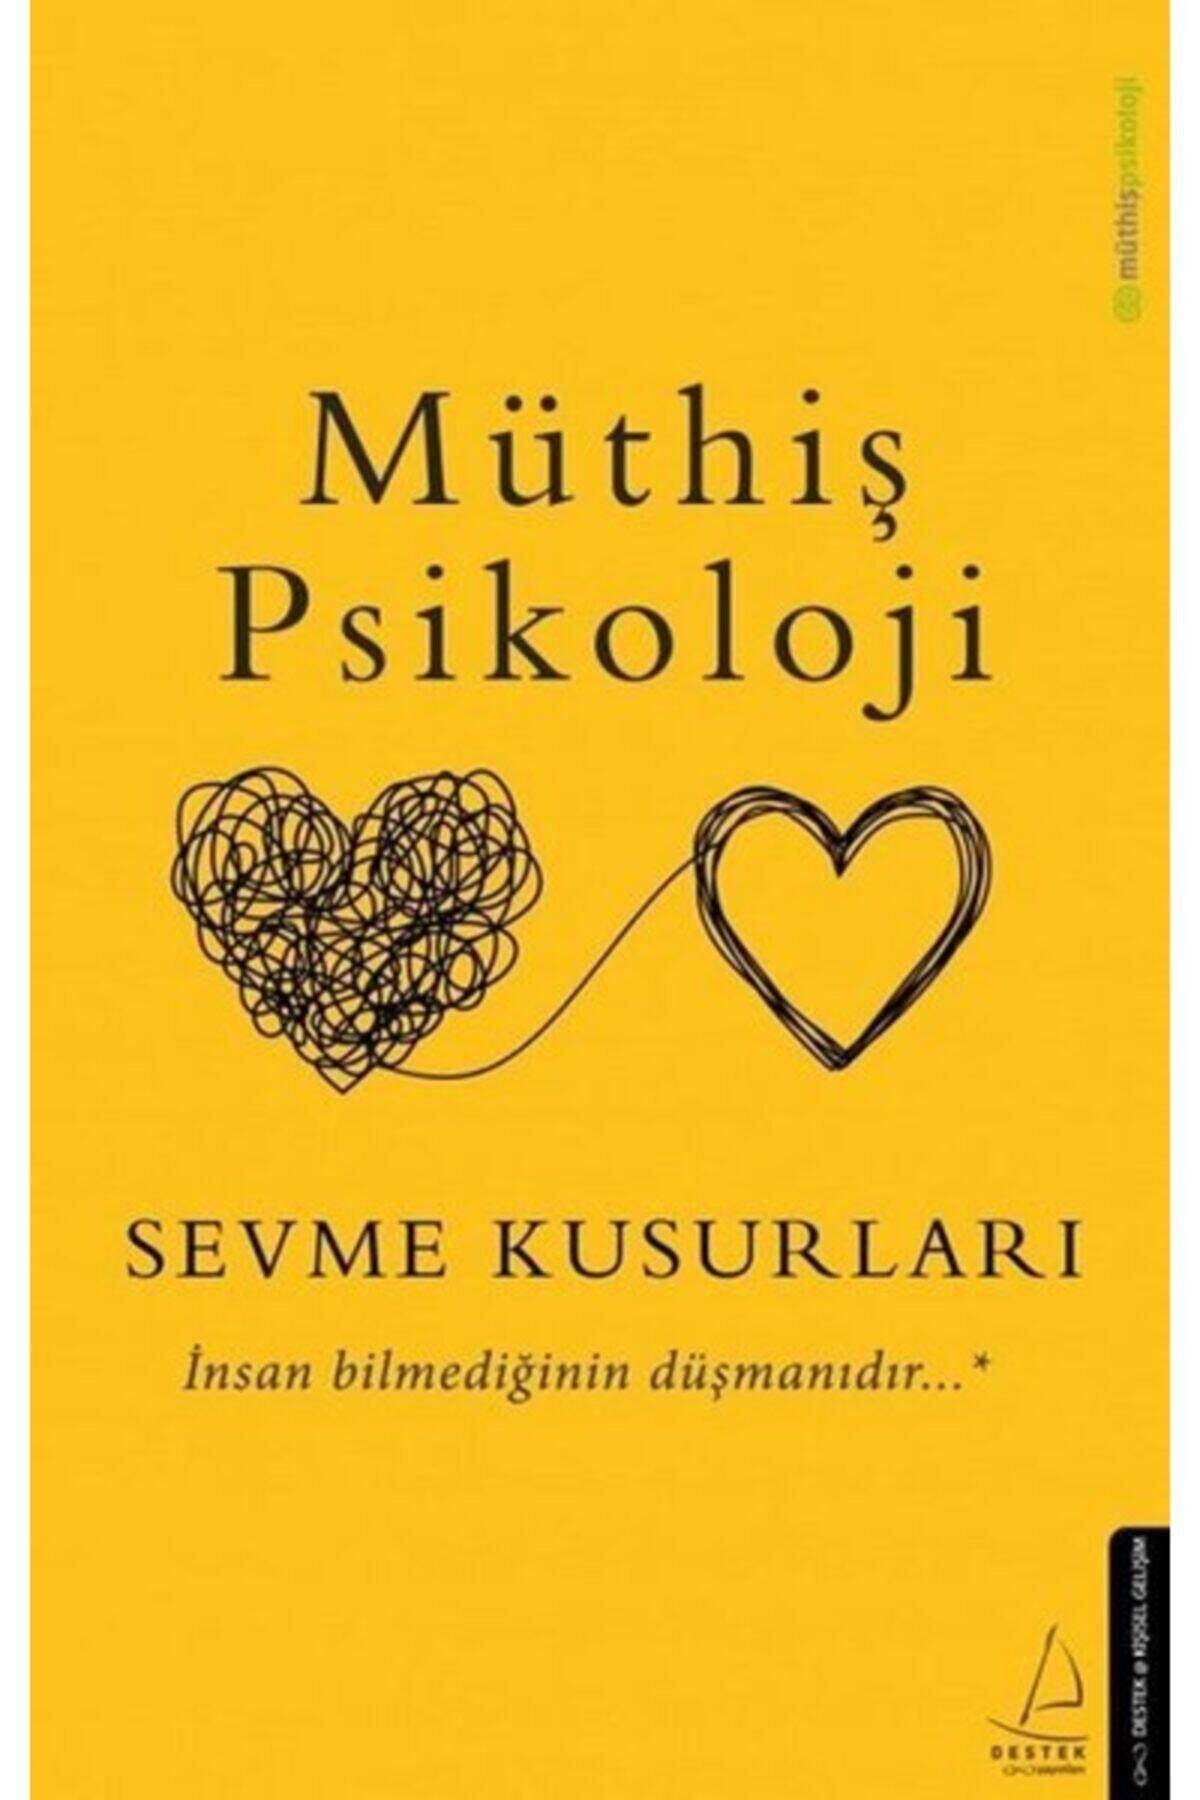 Destek Yayınları Sevme Kusurları - Müthiş Psikoloji 1